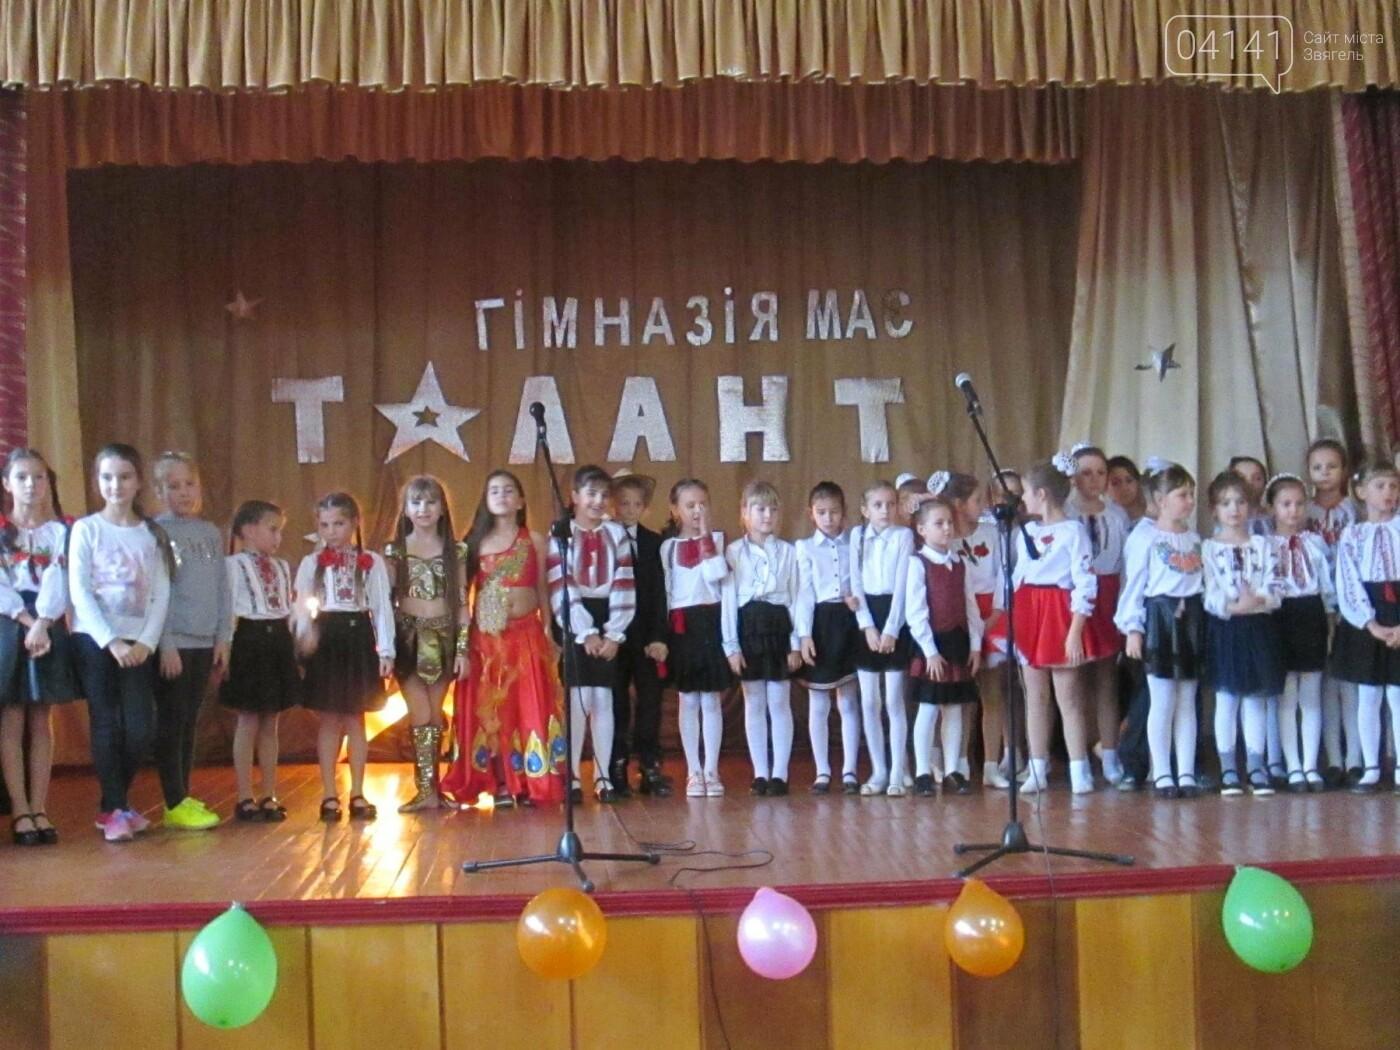 """Конкурс """"Гімназія має талант"""" проходить у Новограді-Волинському (ФОТО, ВІДЕО), фото-1"""